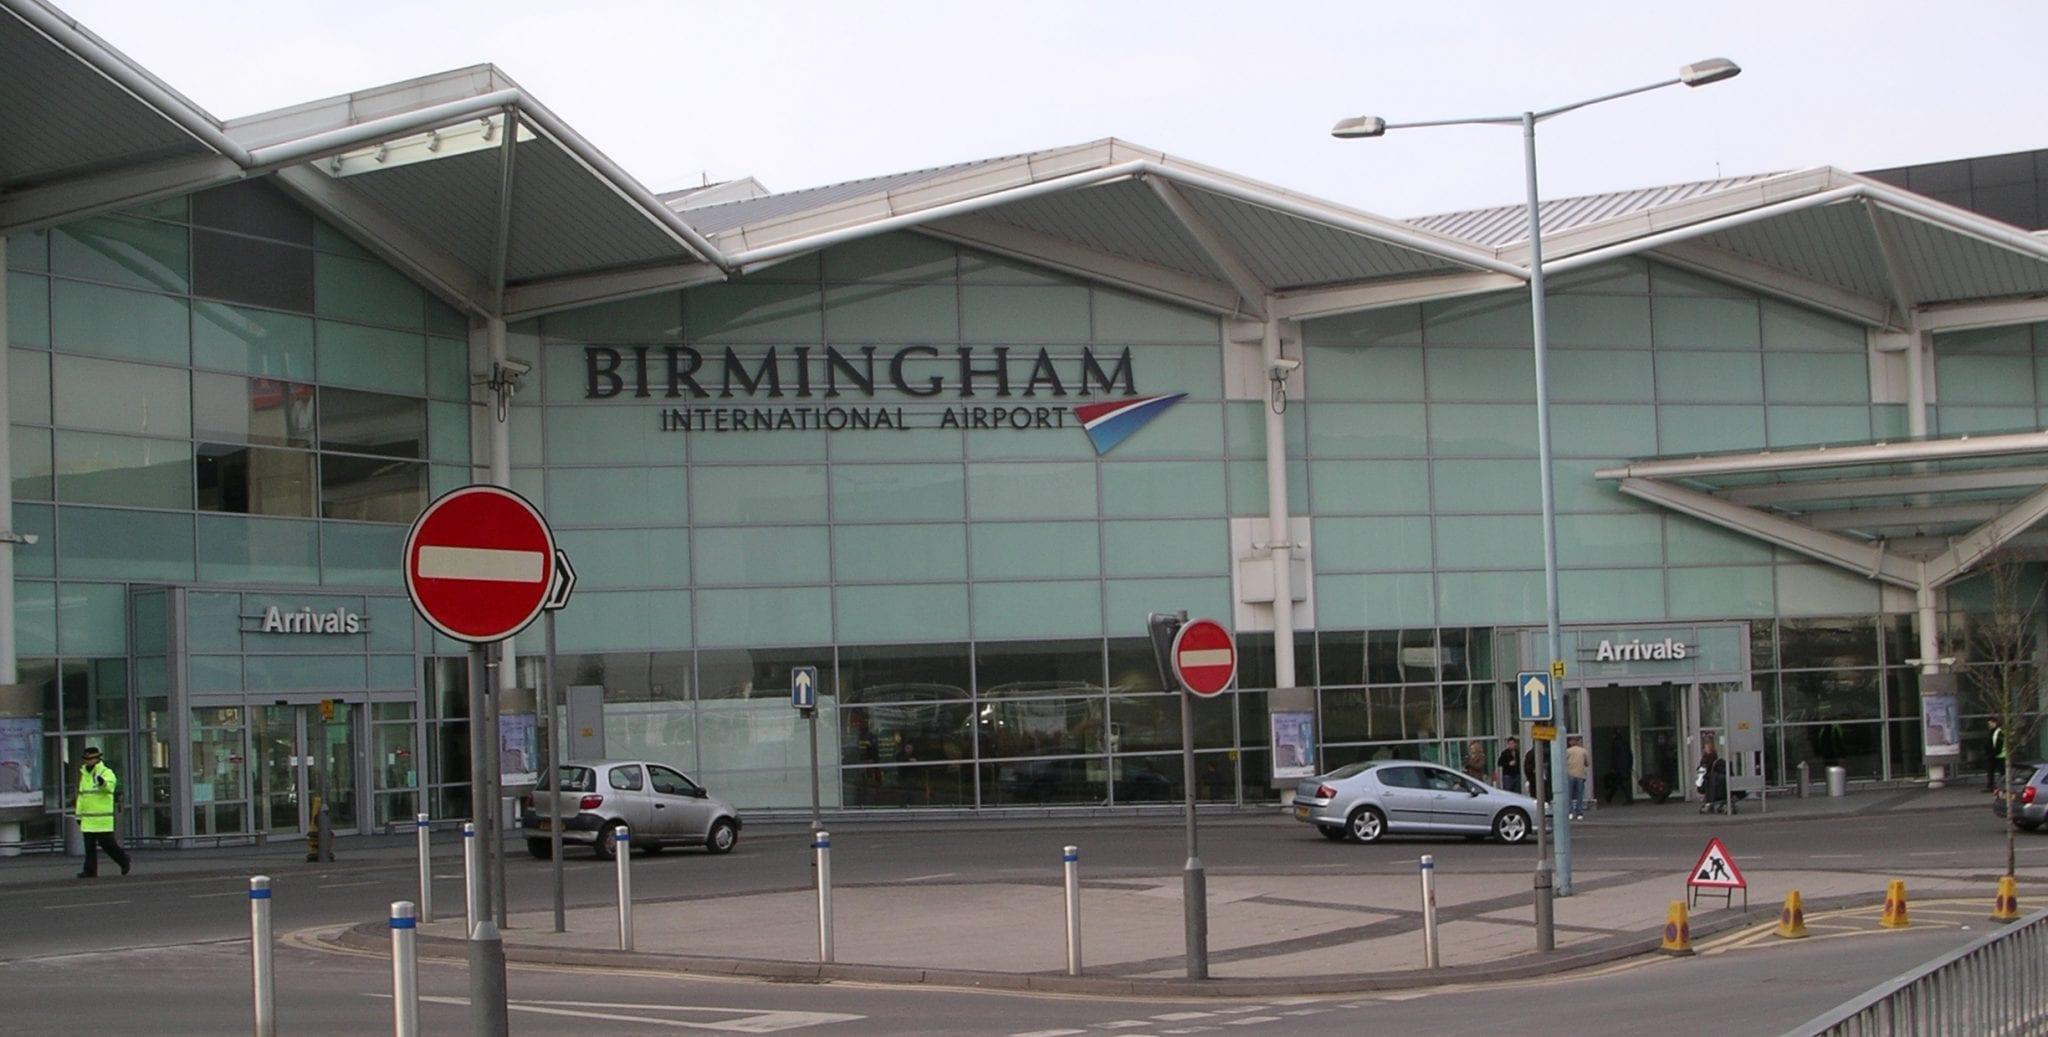 Estación para ir del aeropuerto de Birmingham al centro de la ciudad